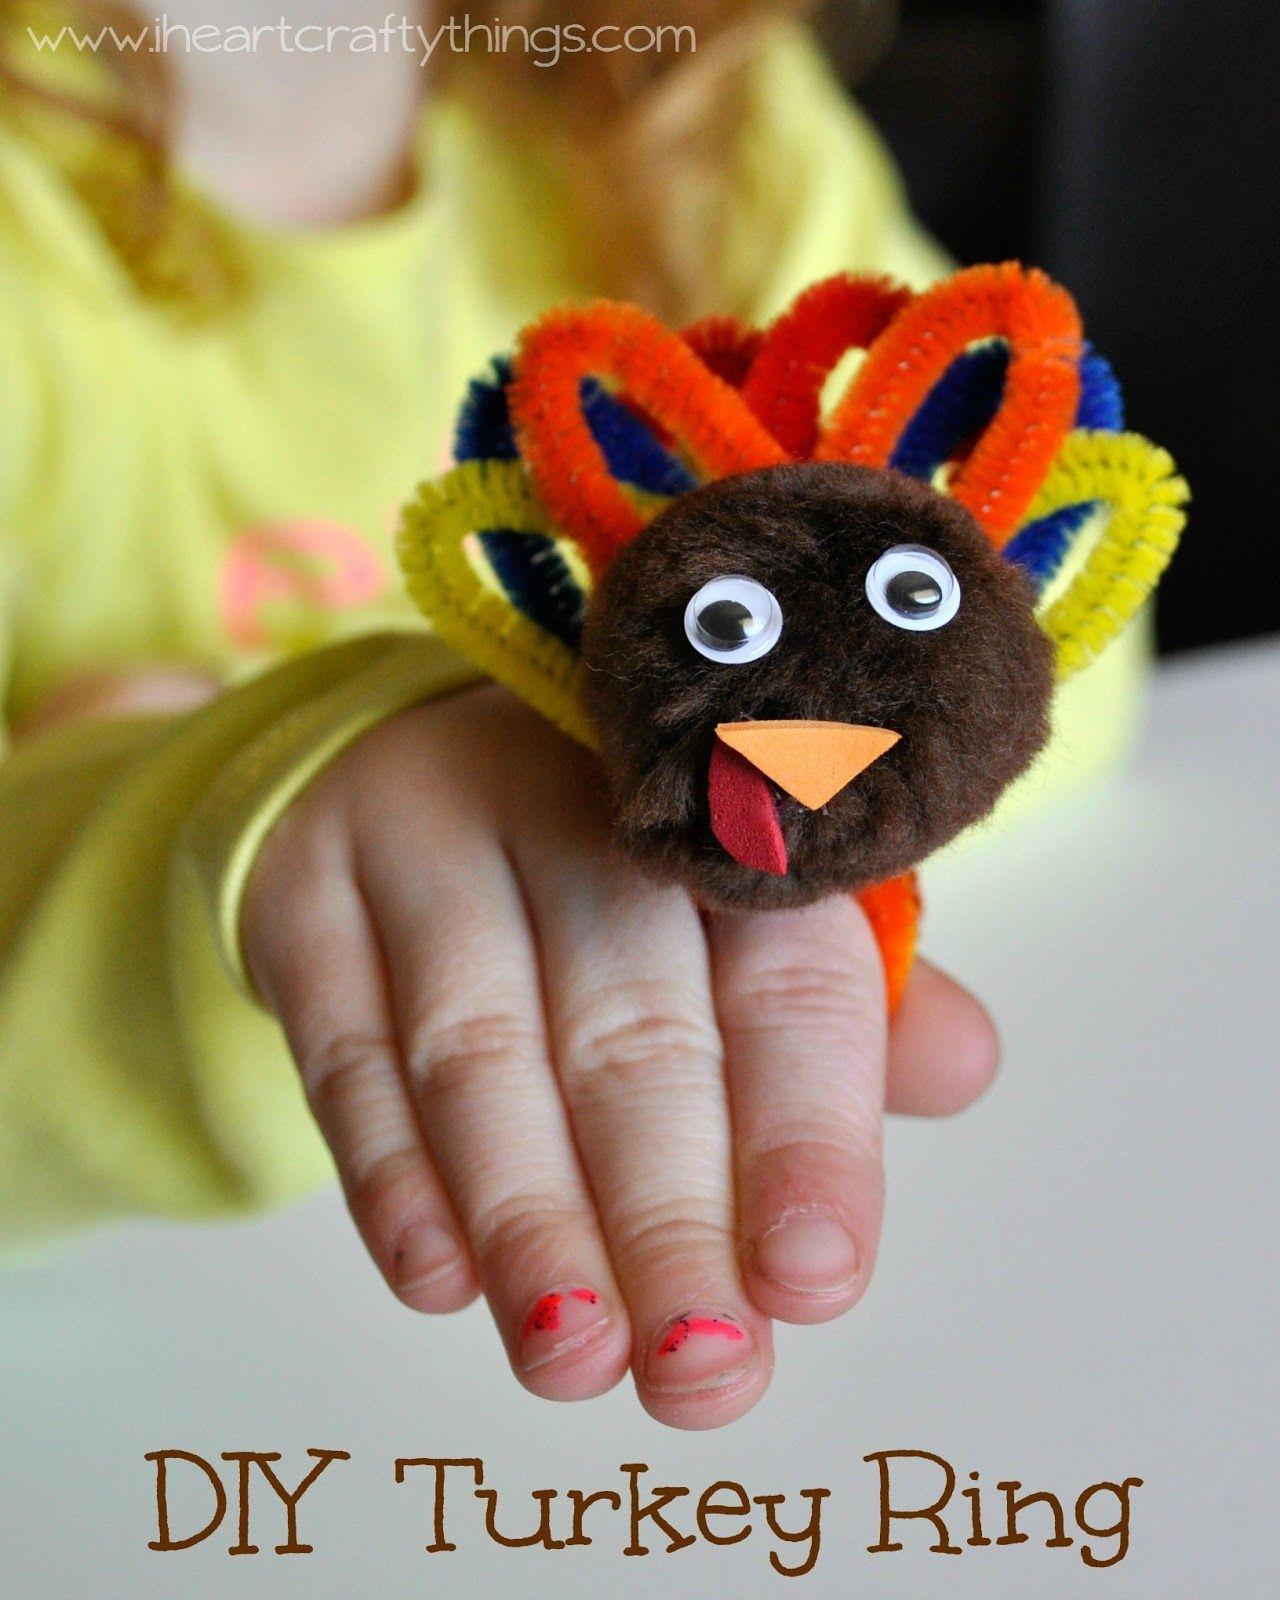 DIY Turkey Ring for Kids Thanksgiving crafts